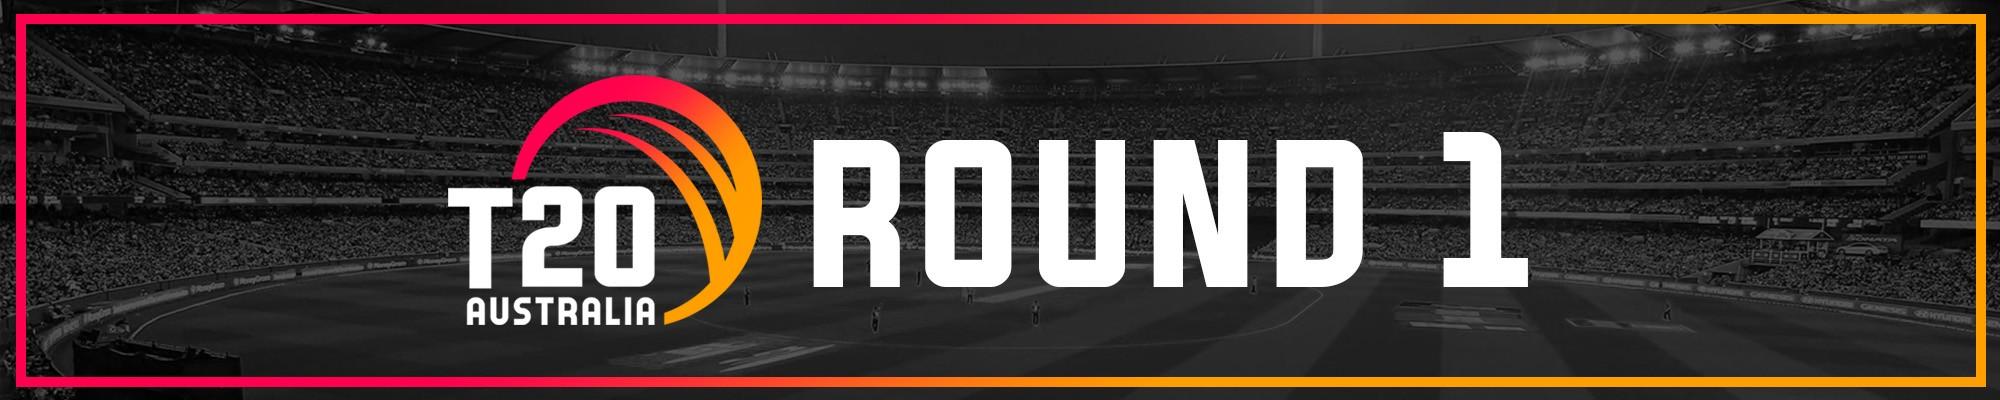 round banner.jpg